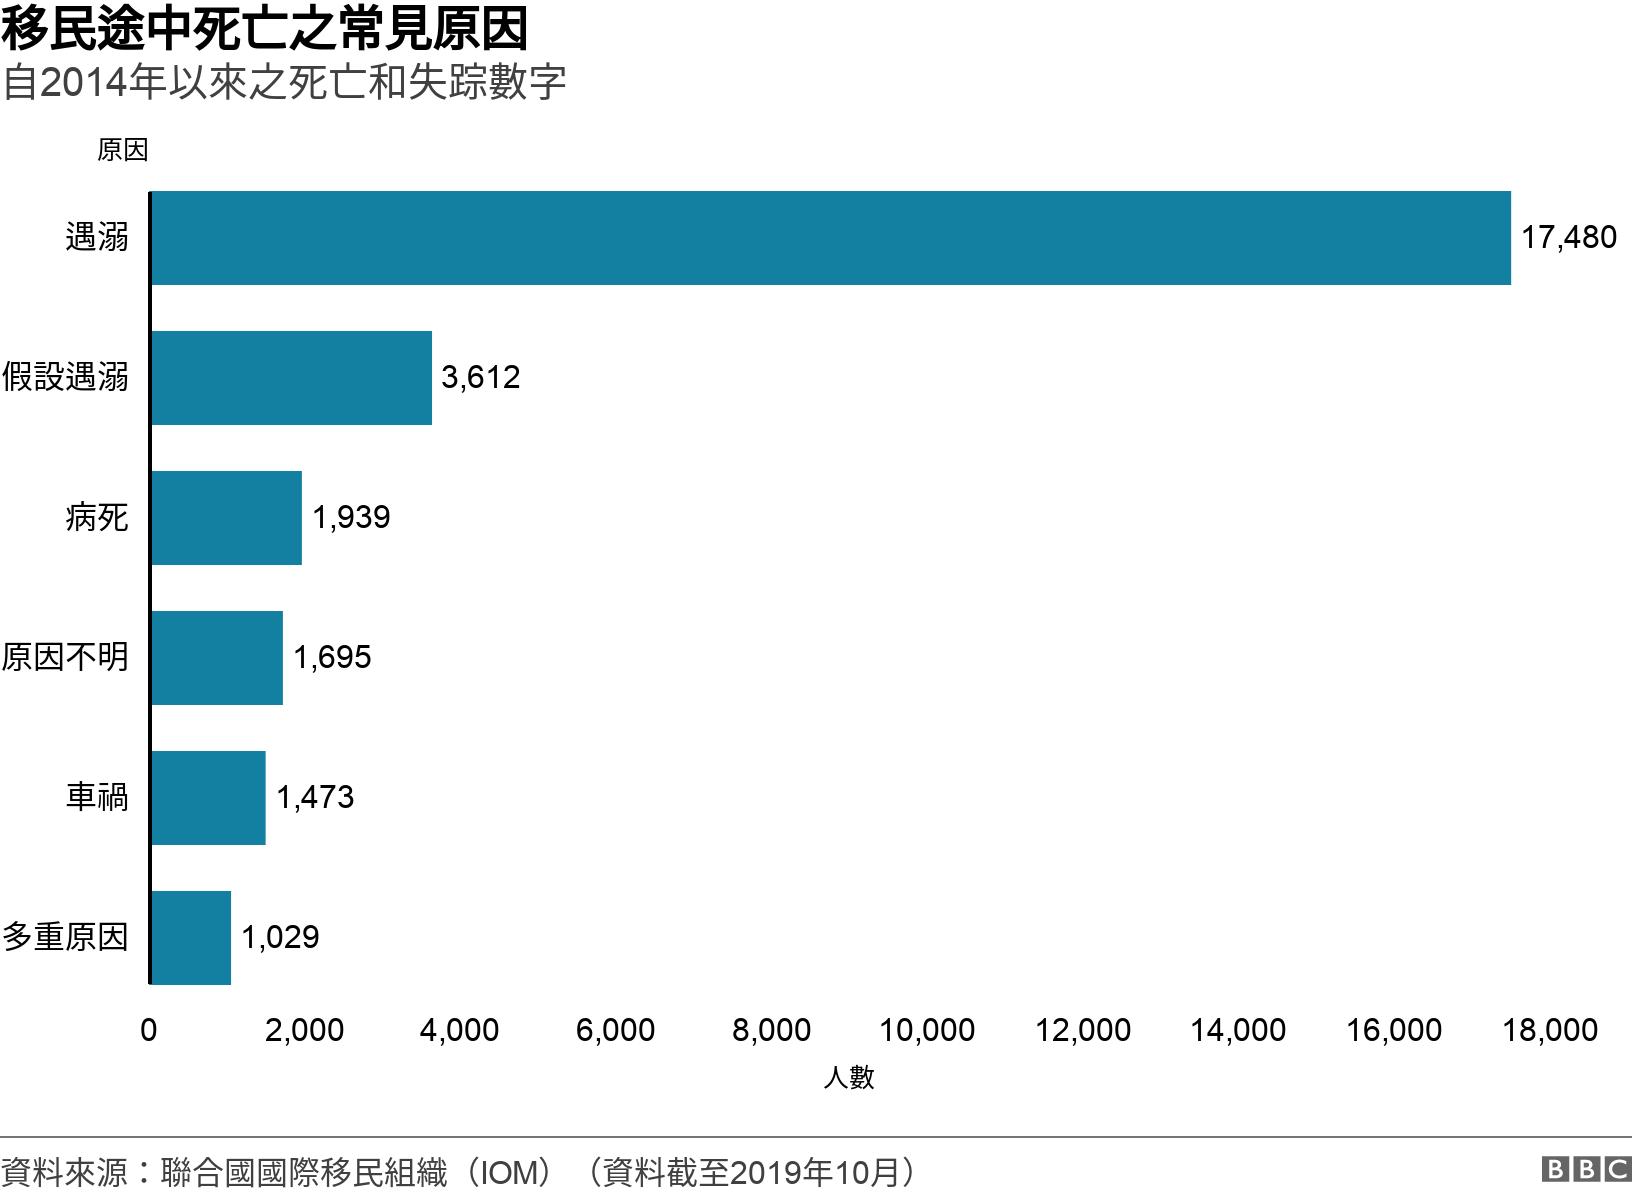 移民途中死亡之常見原因. 自2014年以來之死亡和失踪數字. 圖表:聯合國國際移民組織統計移民途中死亡之常見原因 .